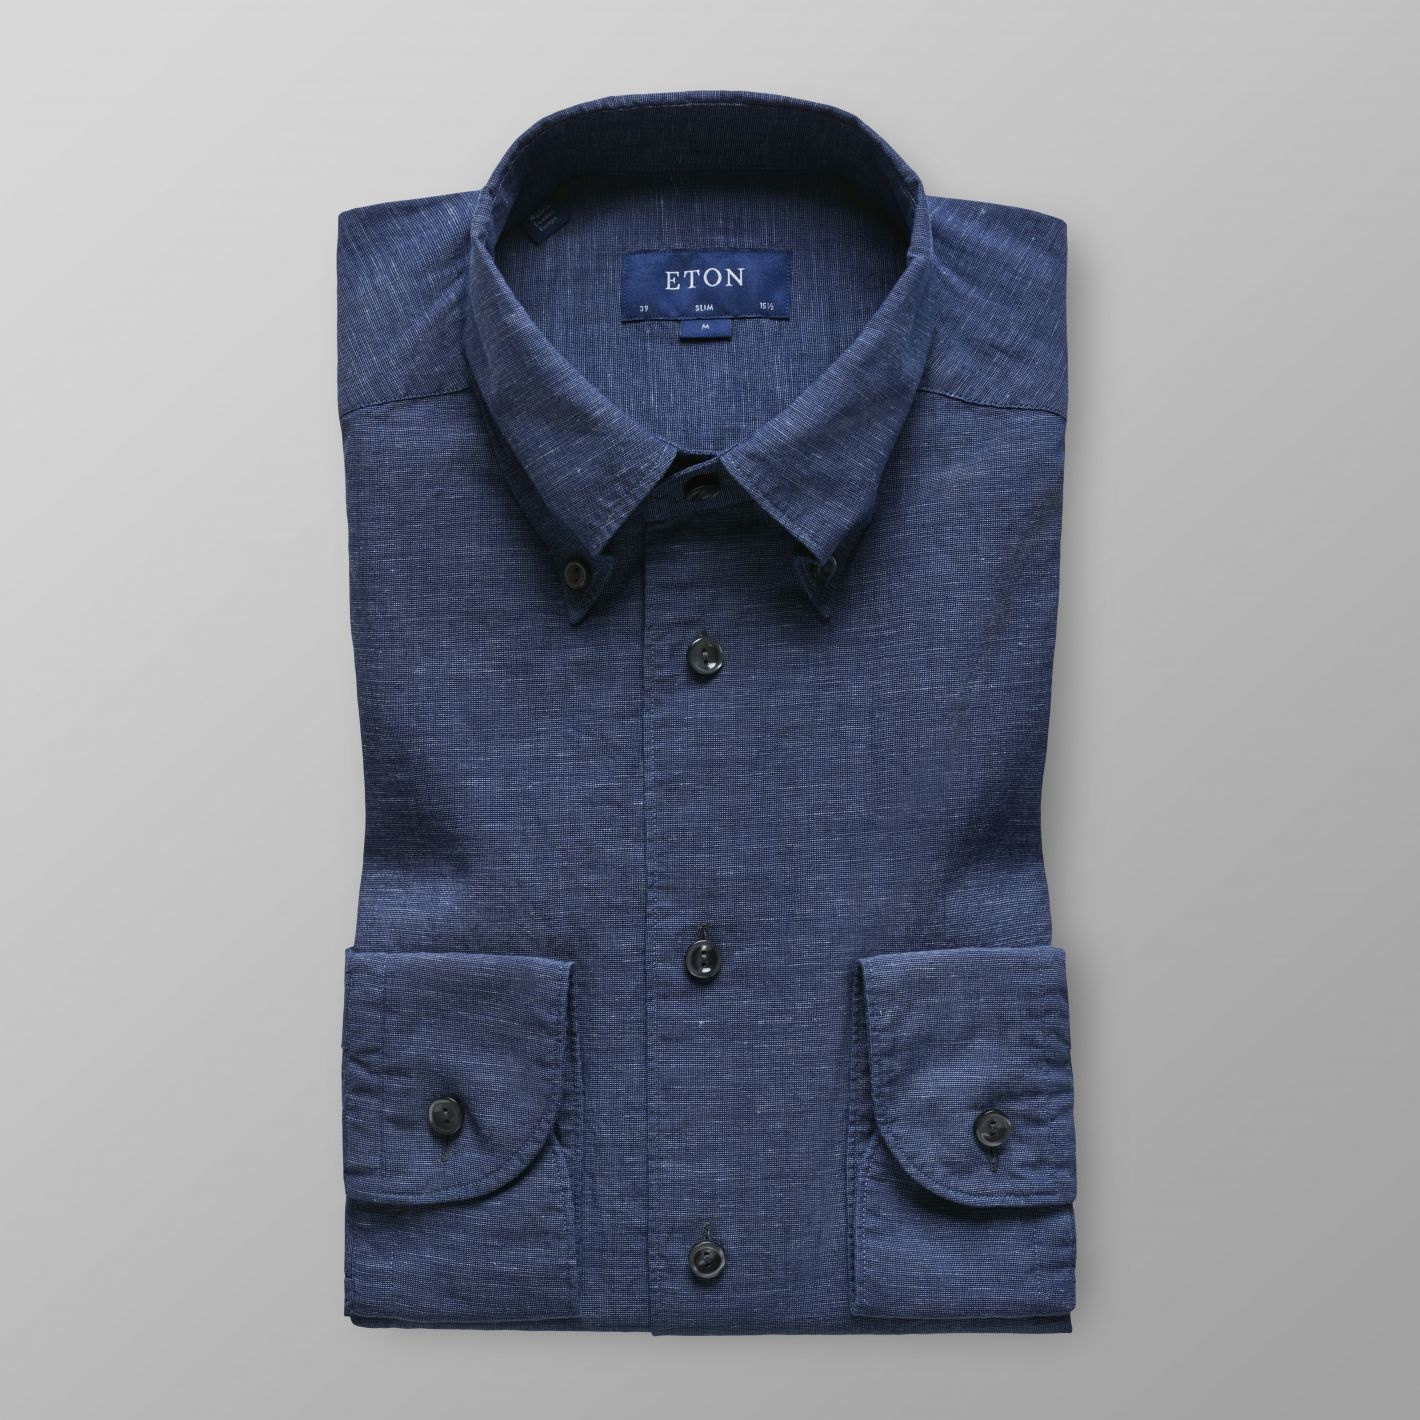 Eton Cotton/Linen Indigo dyed shirt